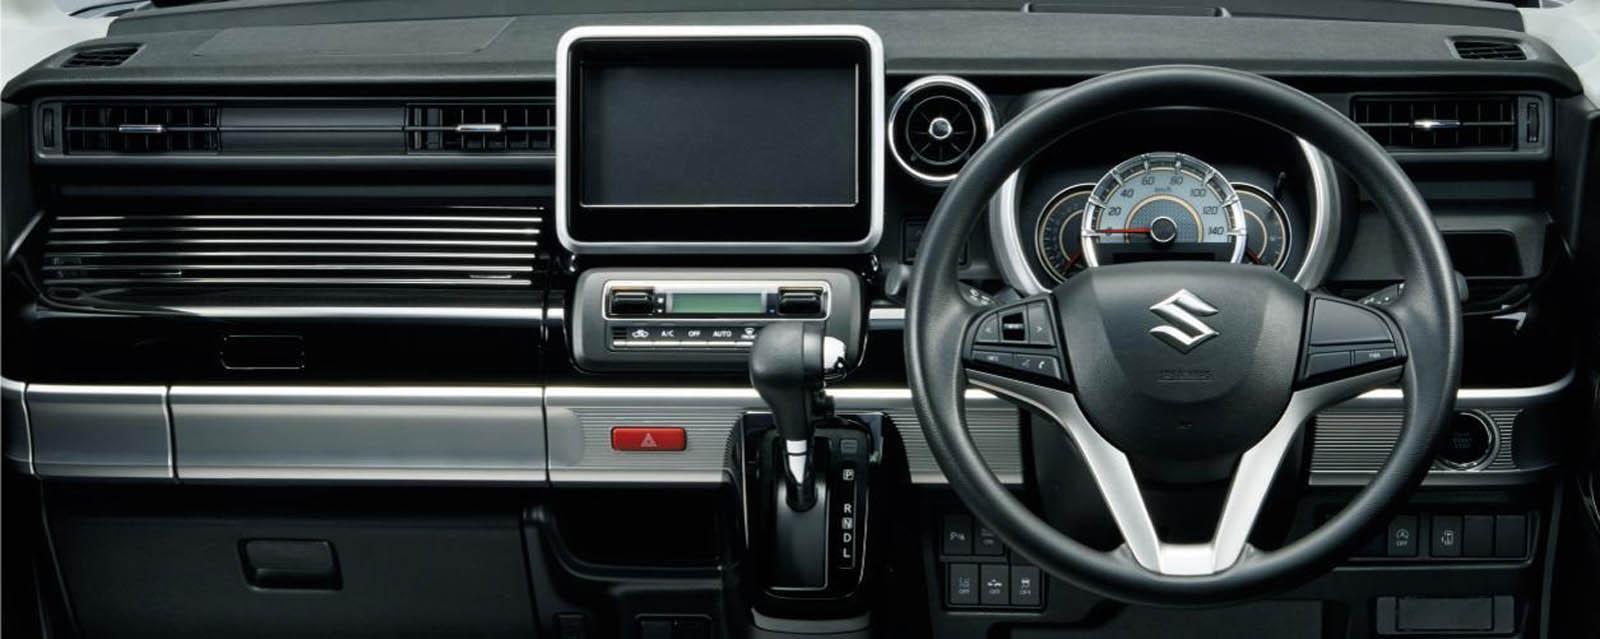 Suzuki Spacia 2018 (36)